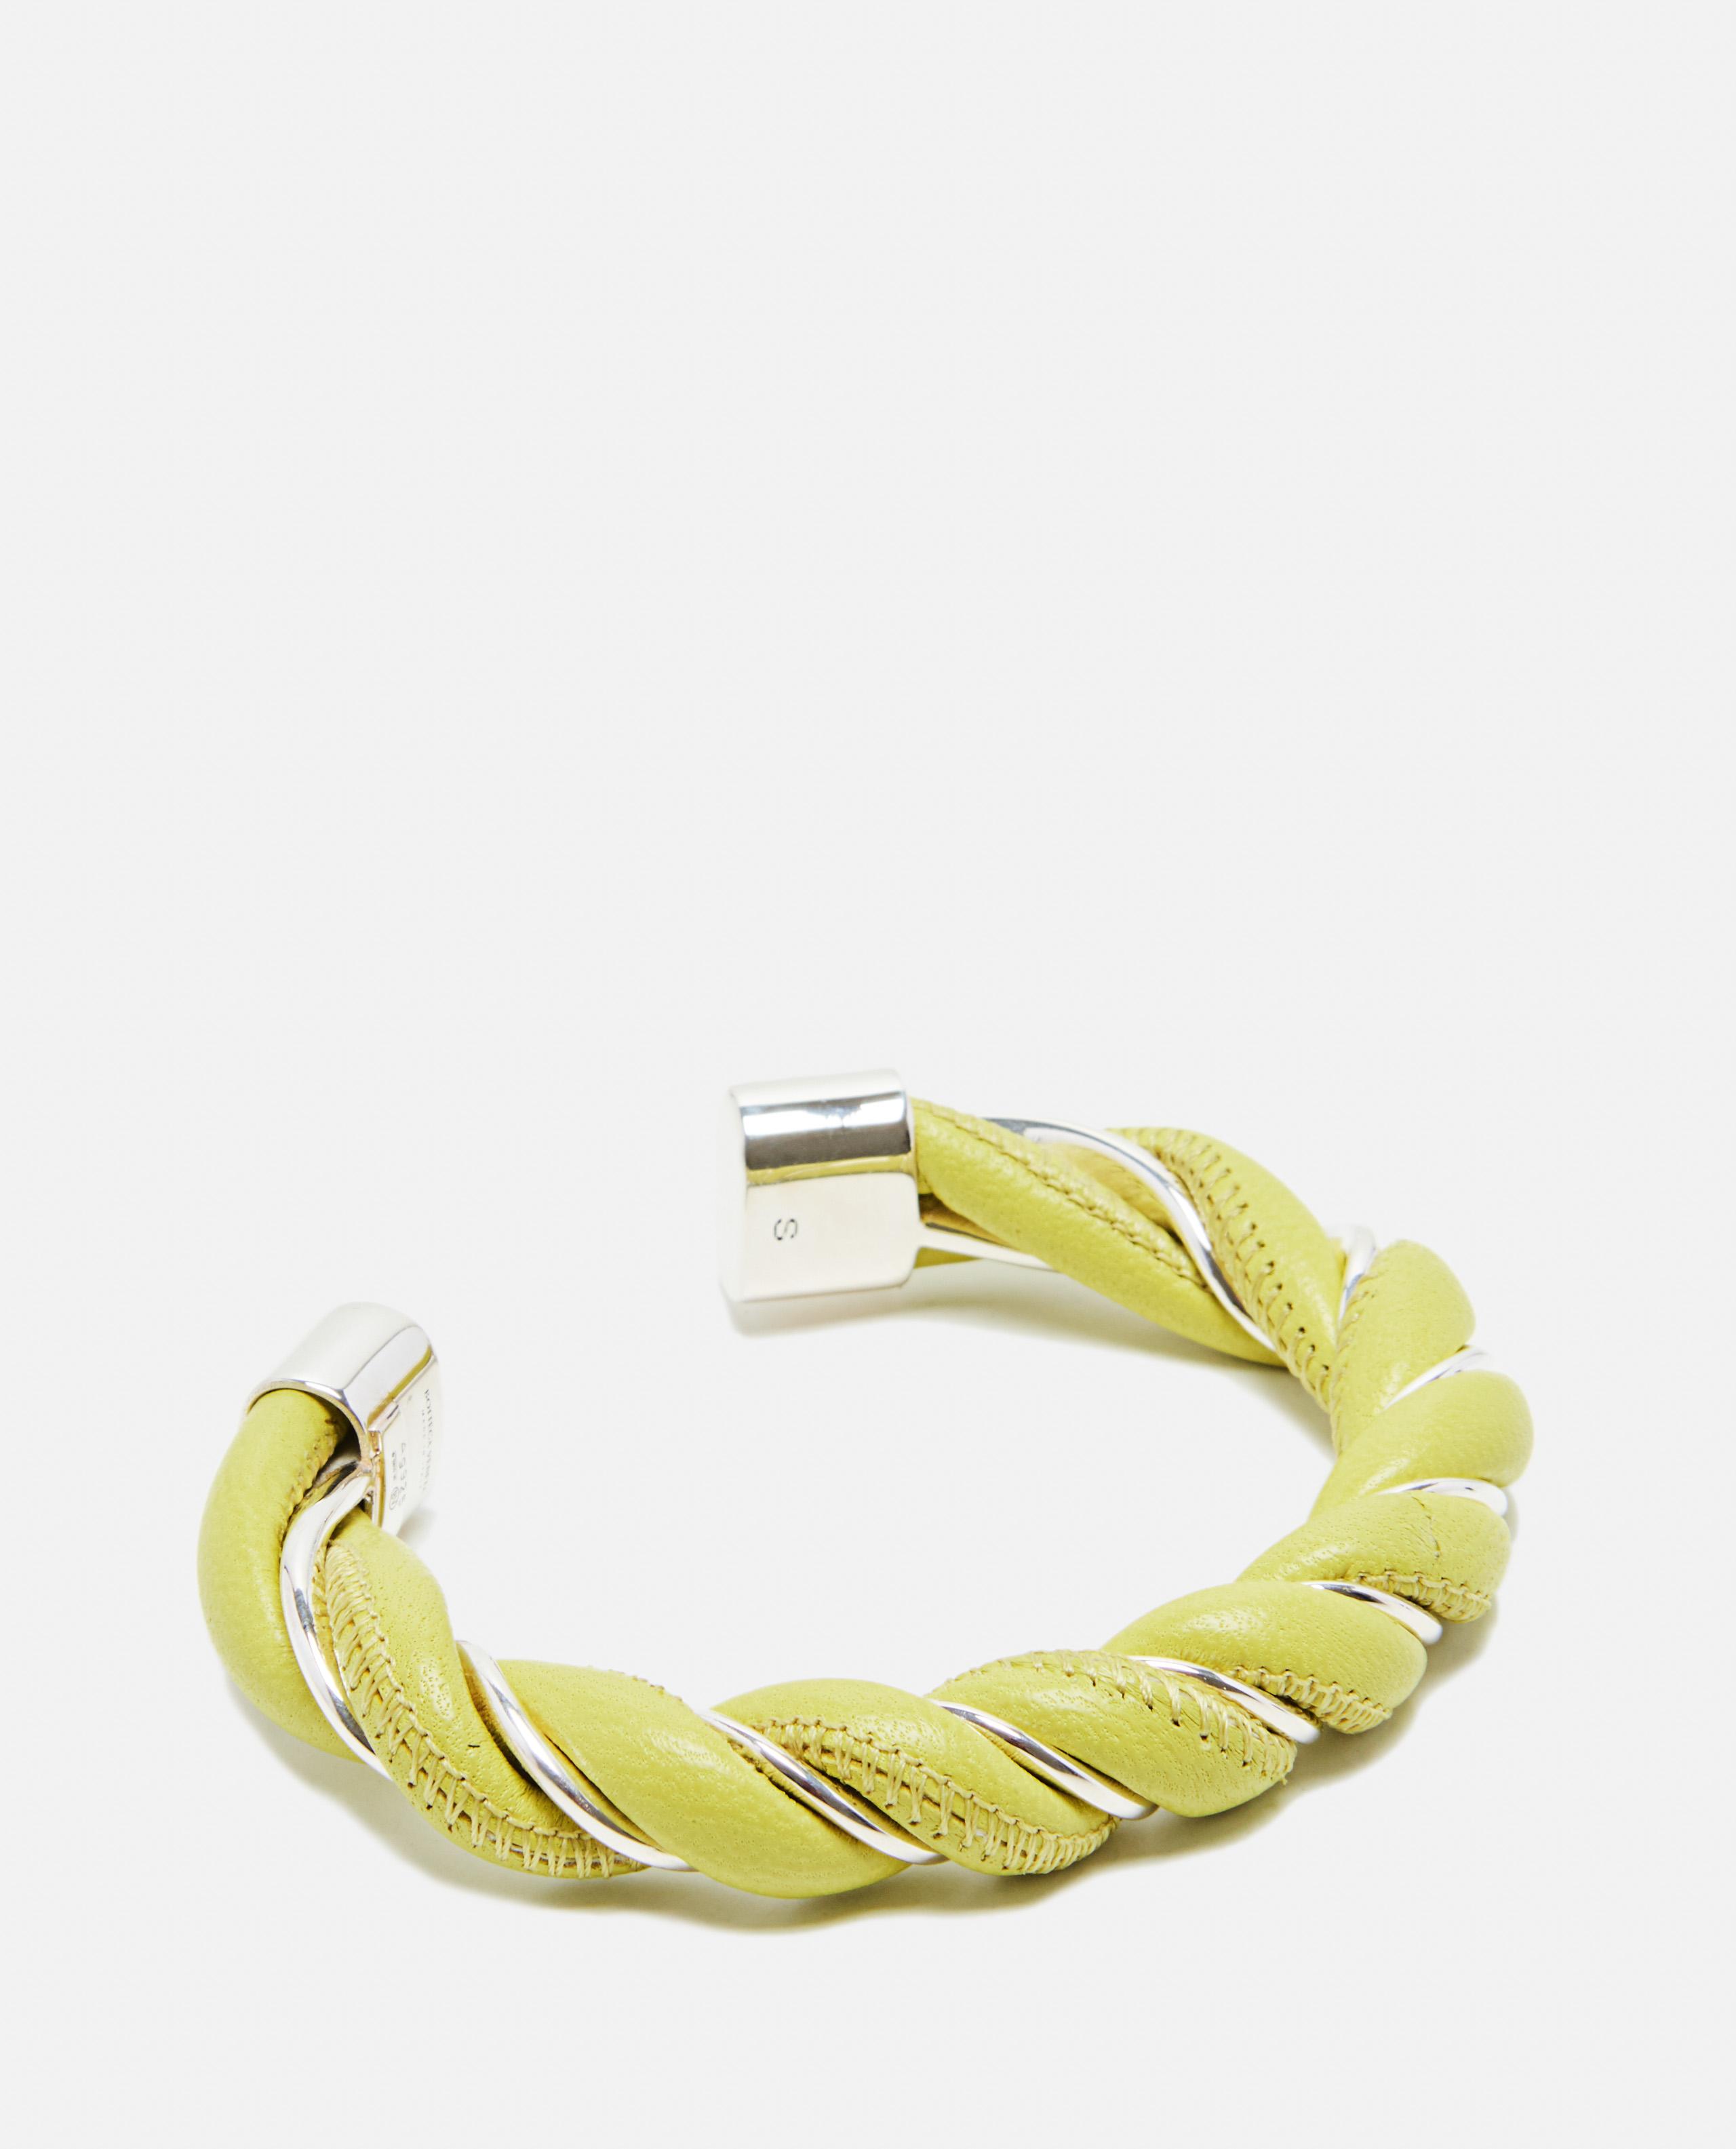 Spiral bracelet in Nappa leather